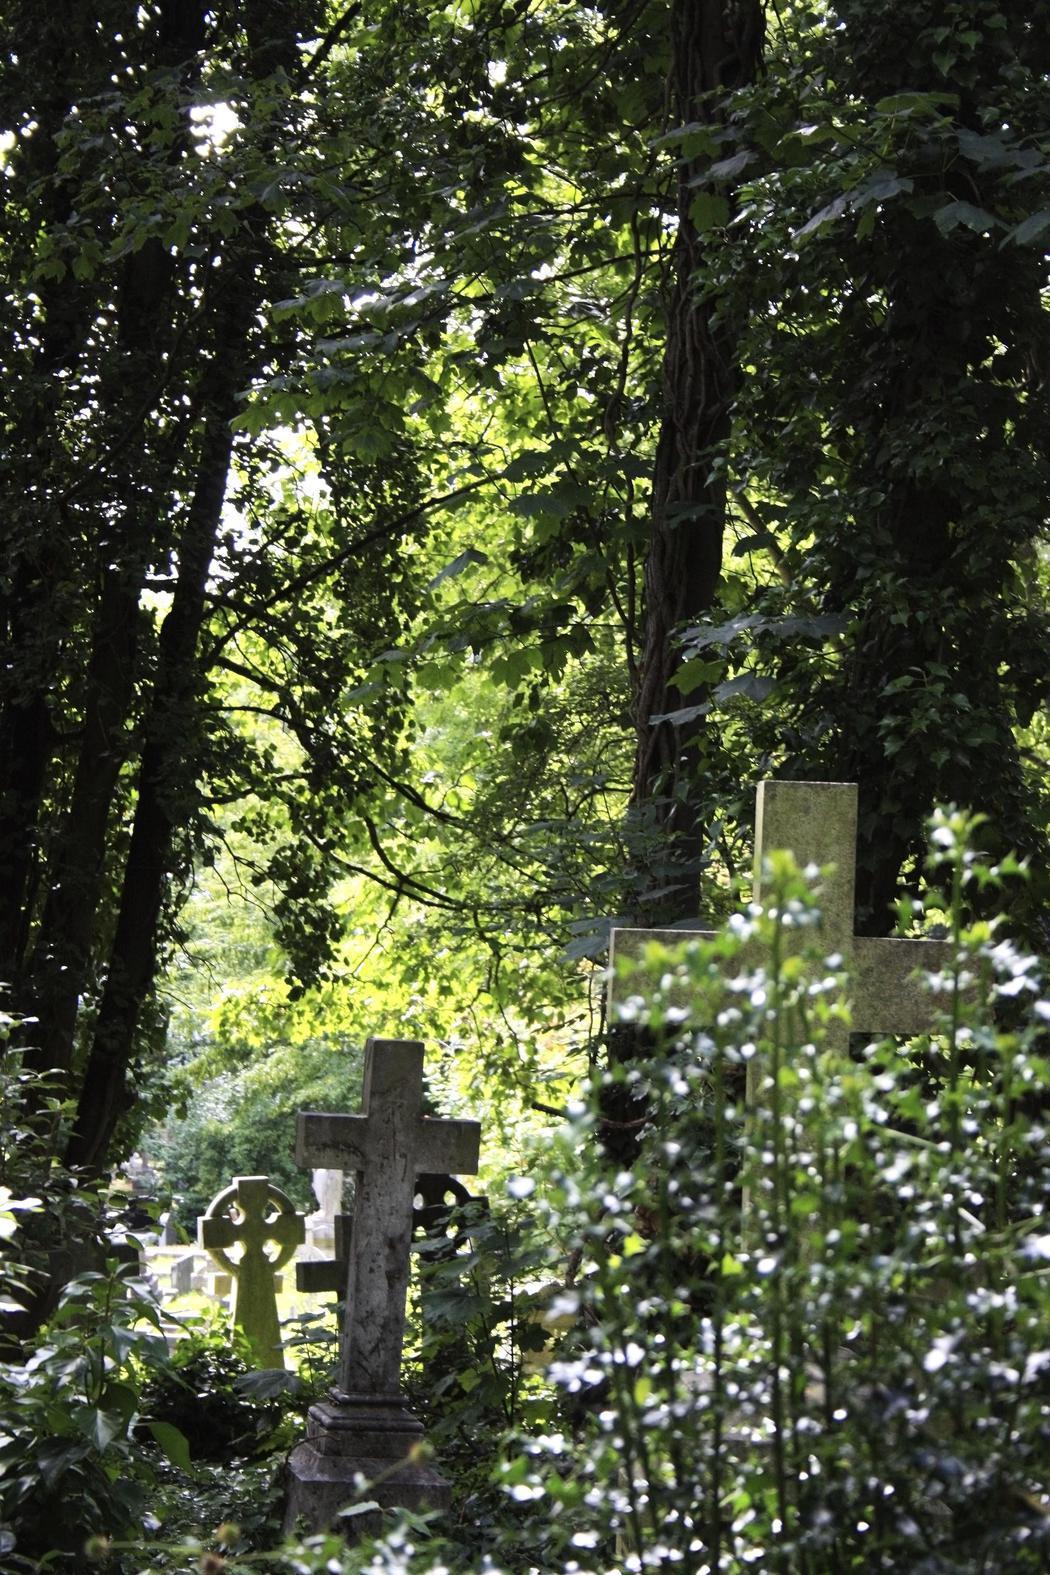 Visitar un cementerio no tiene por qué ser tétrico